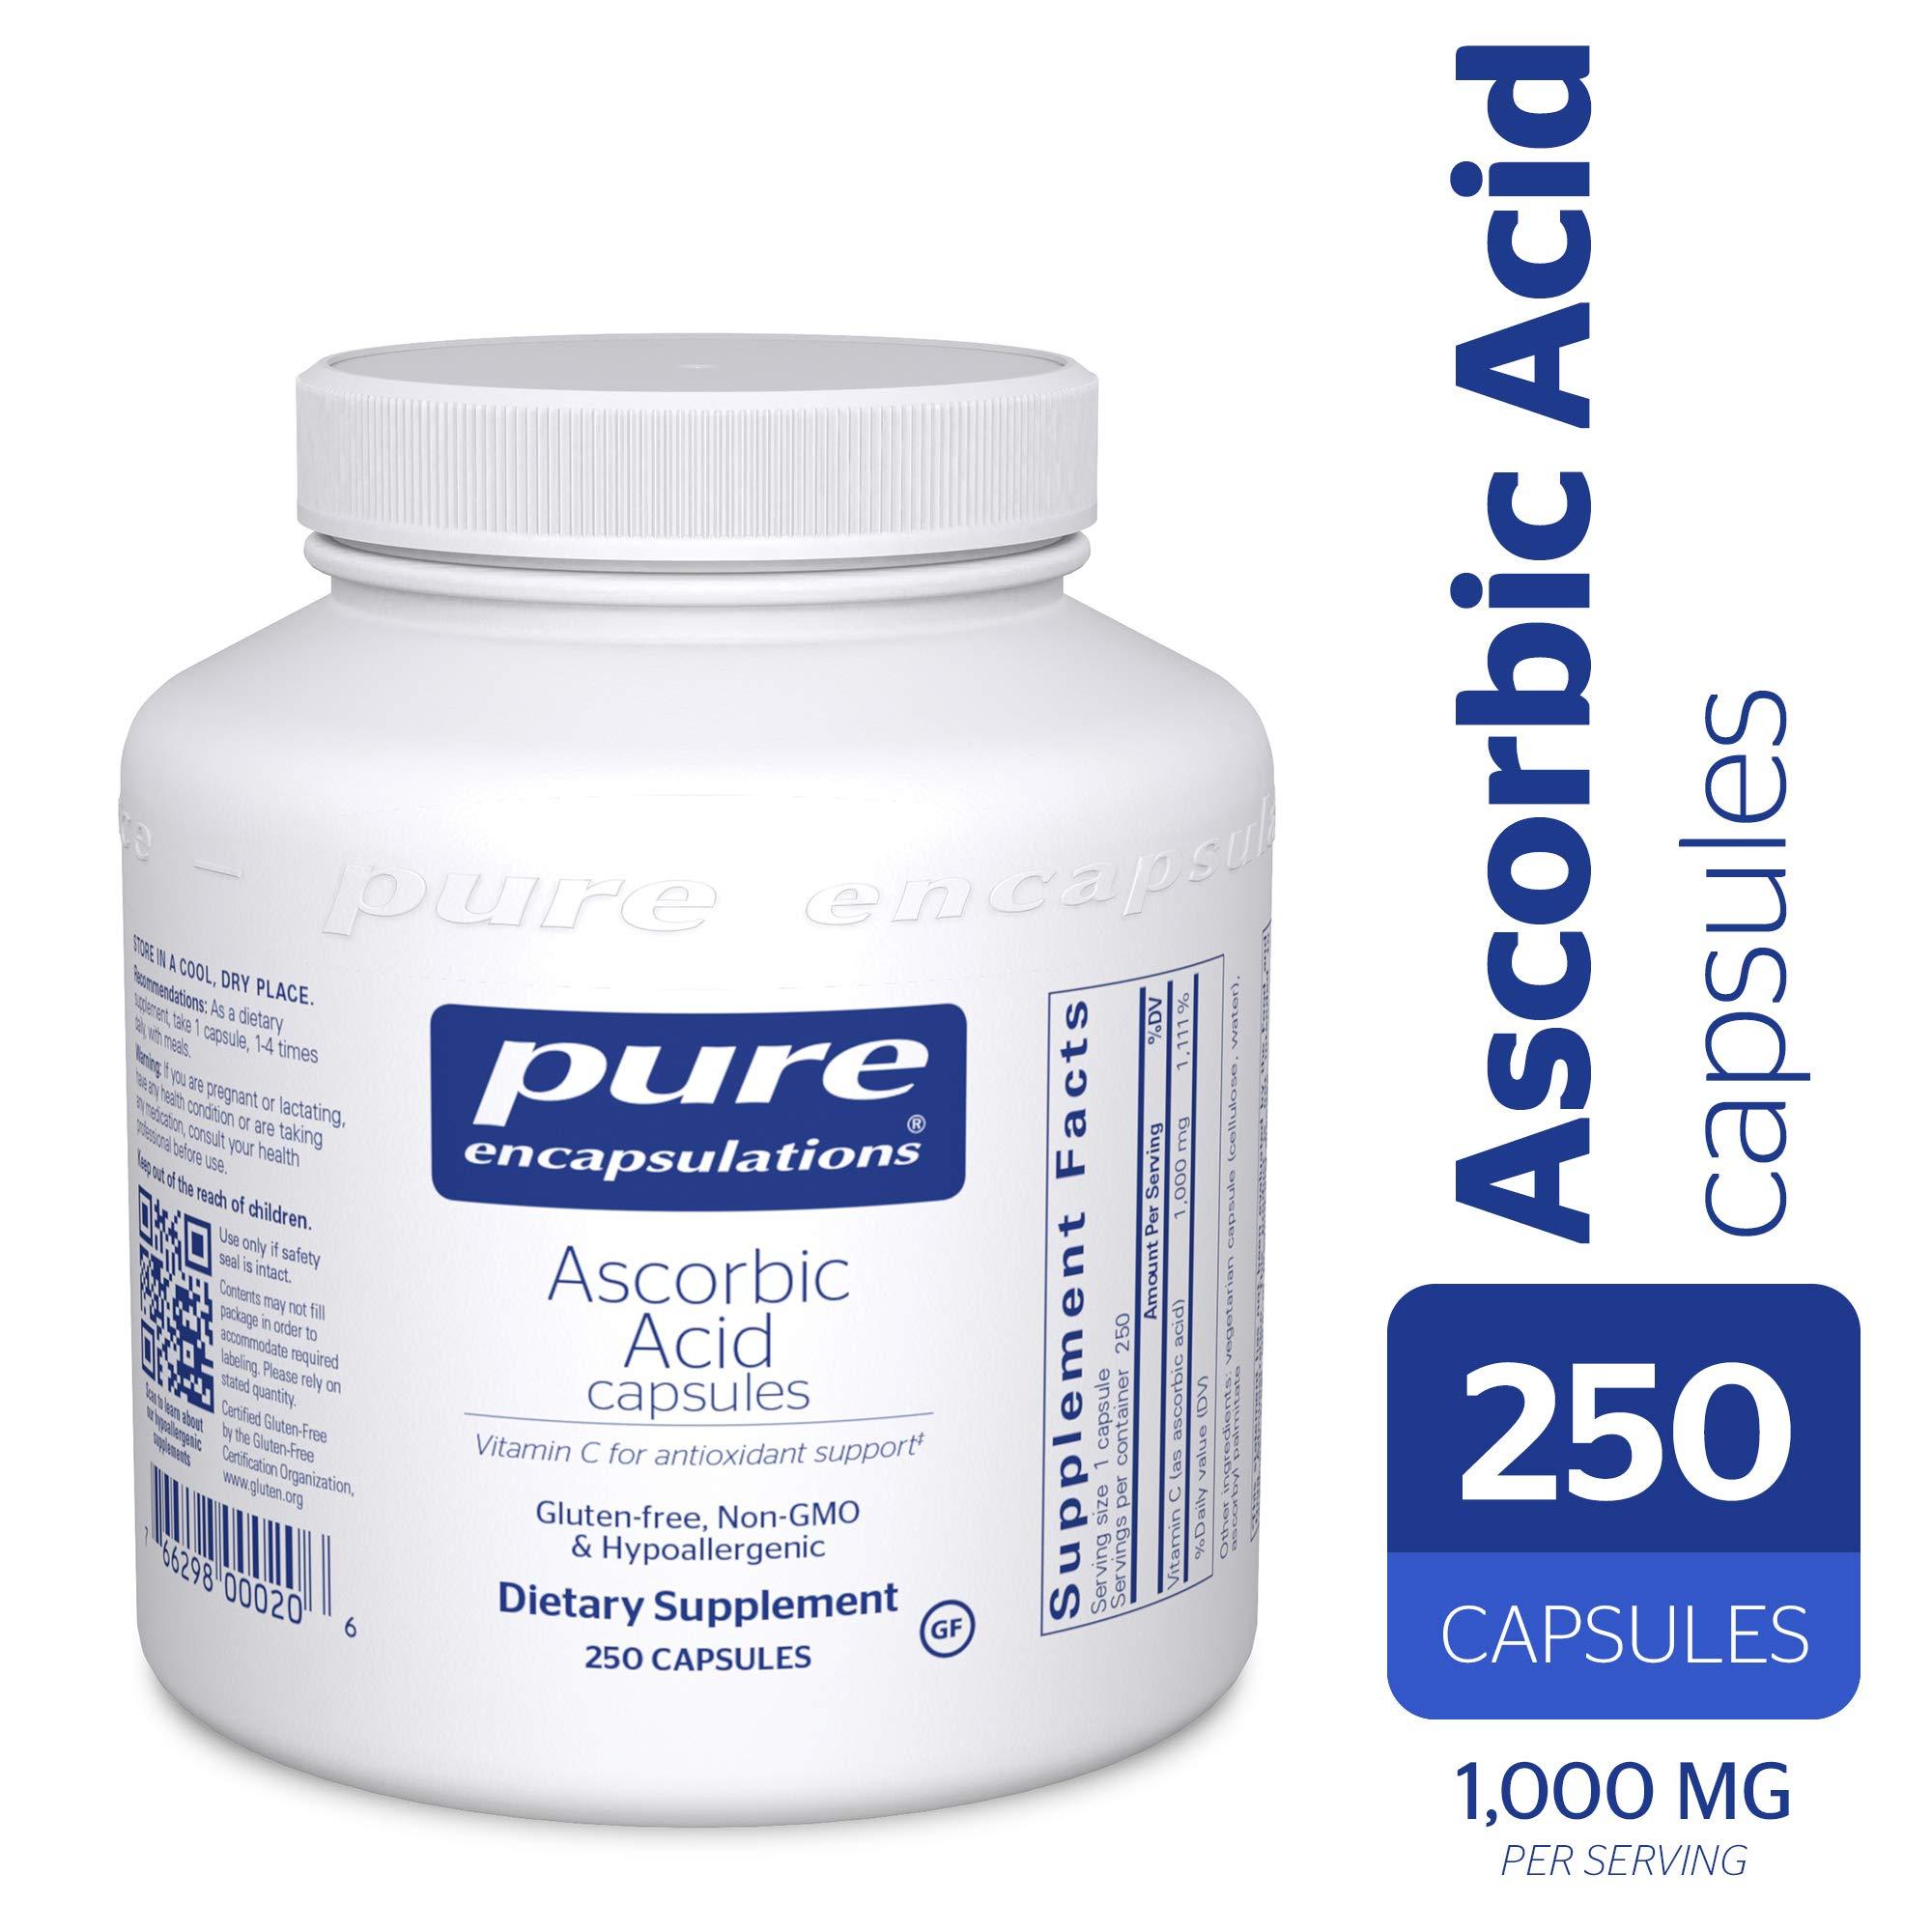 Pure Encapsulations - Ascorbic Acid Capsules - Hypoallergenic Vitamin C Supplement for Antioxidant Support* - 250 Capsules by Pure Encapsulations